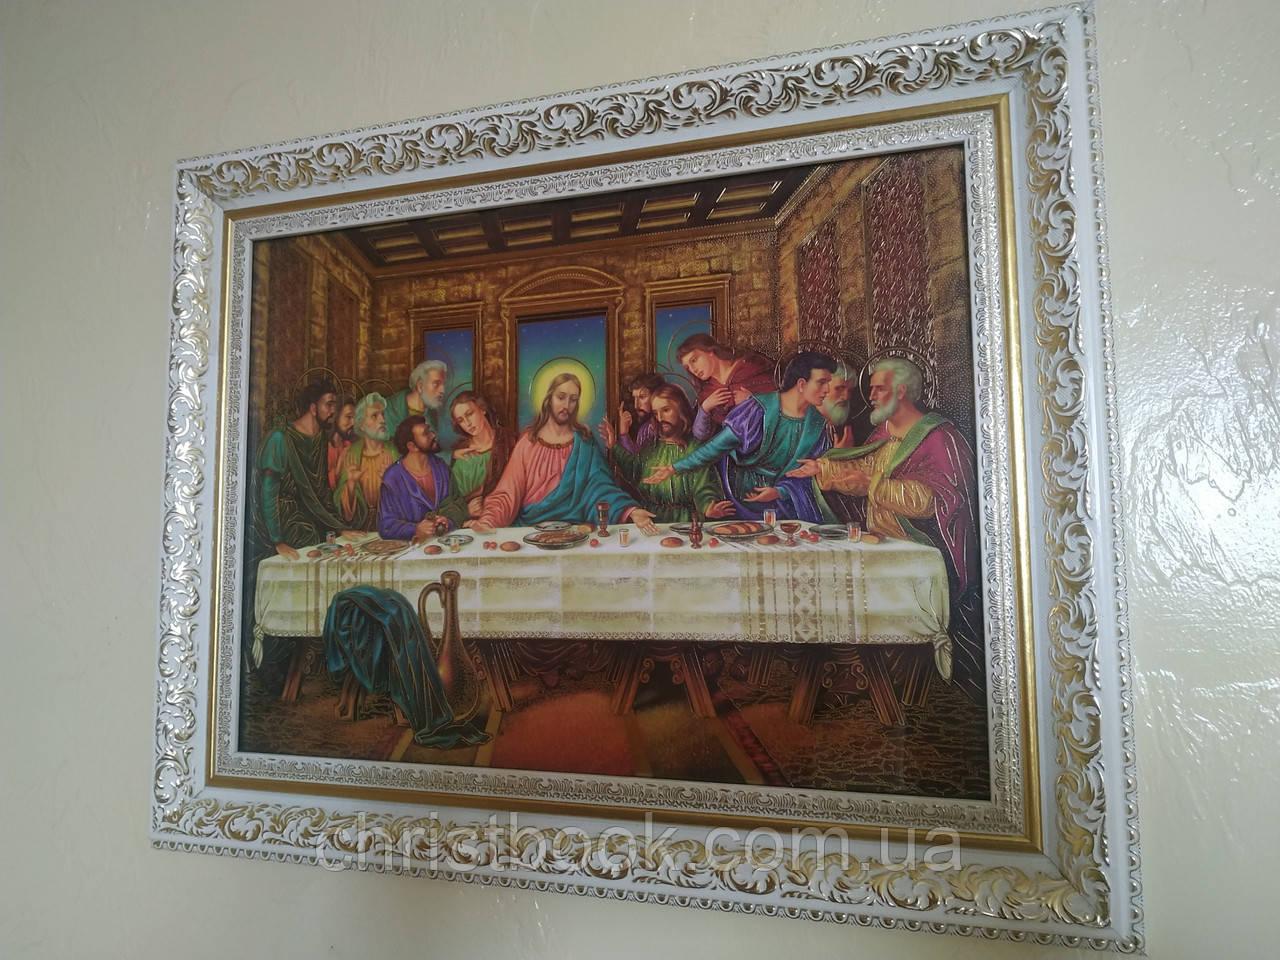 Образ Тайна вечеря